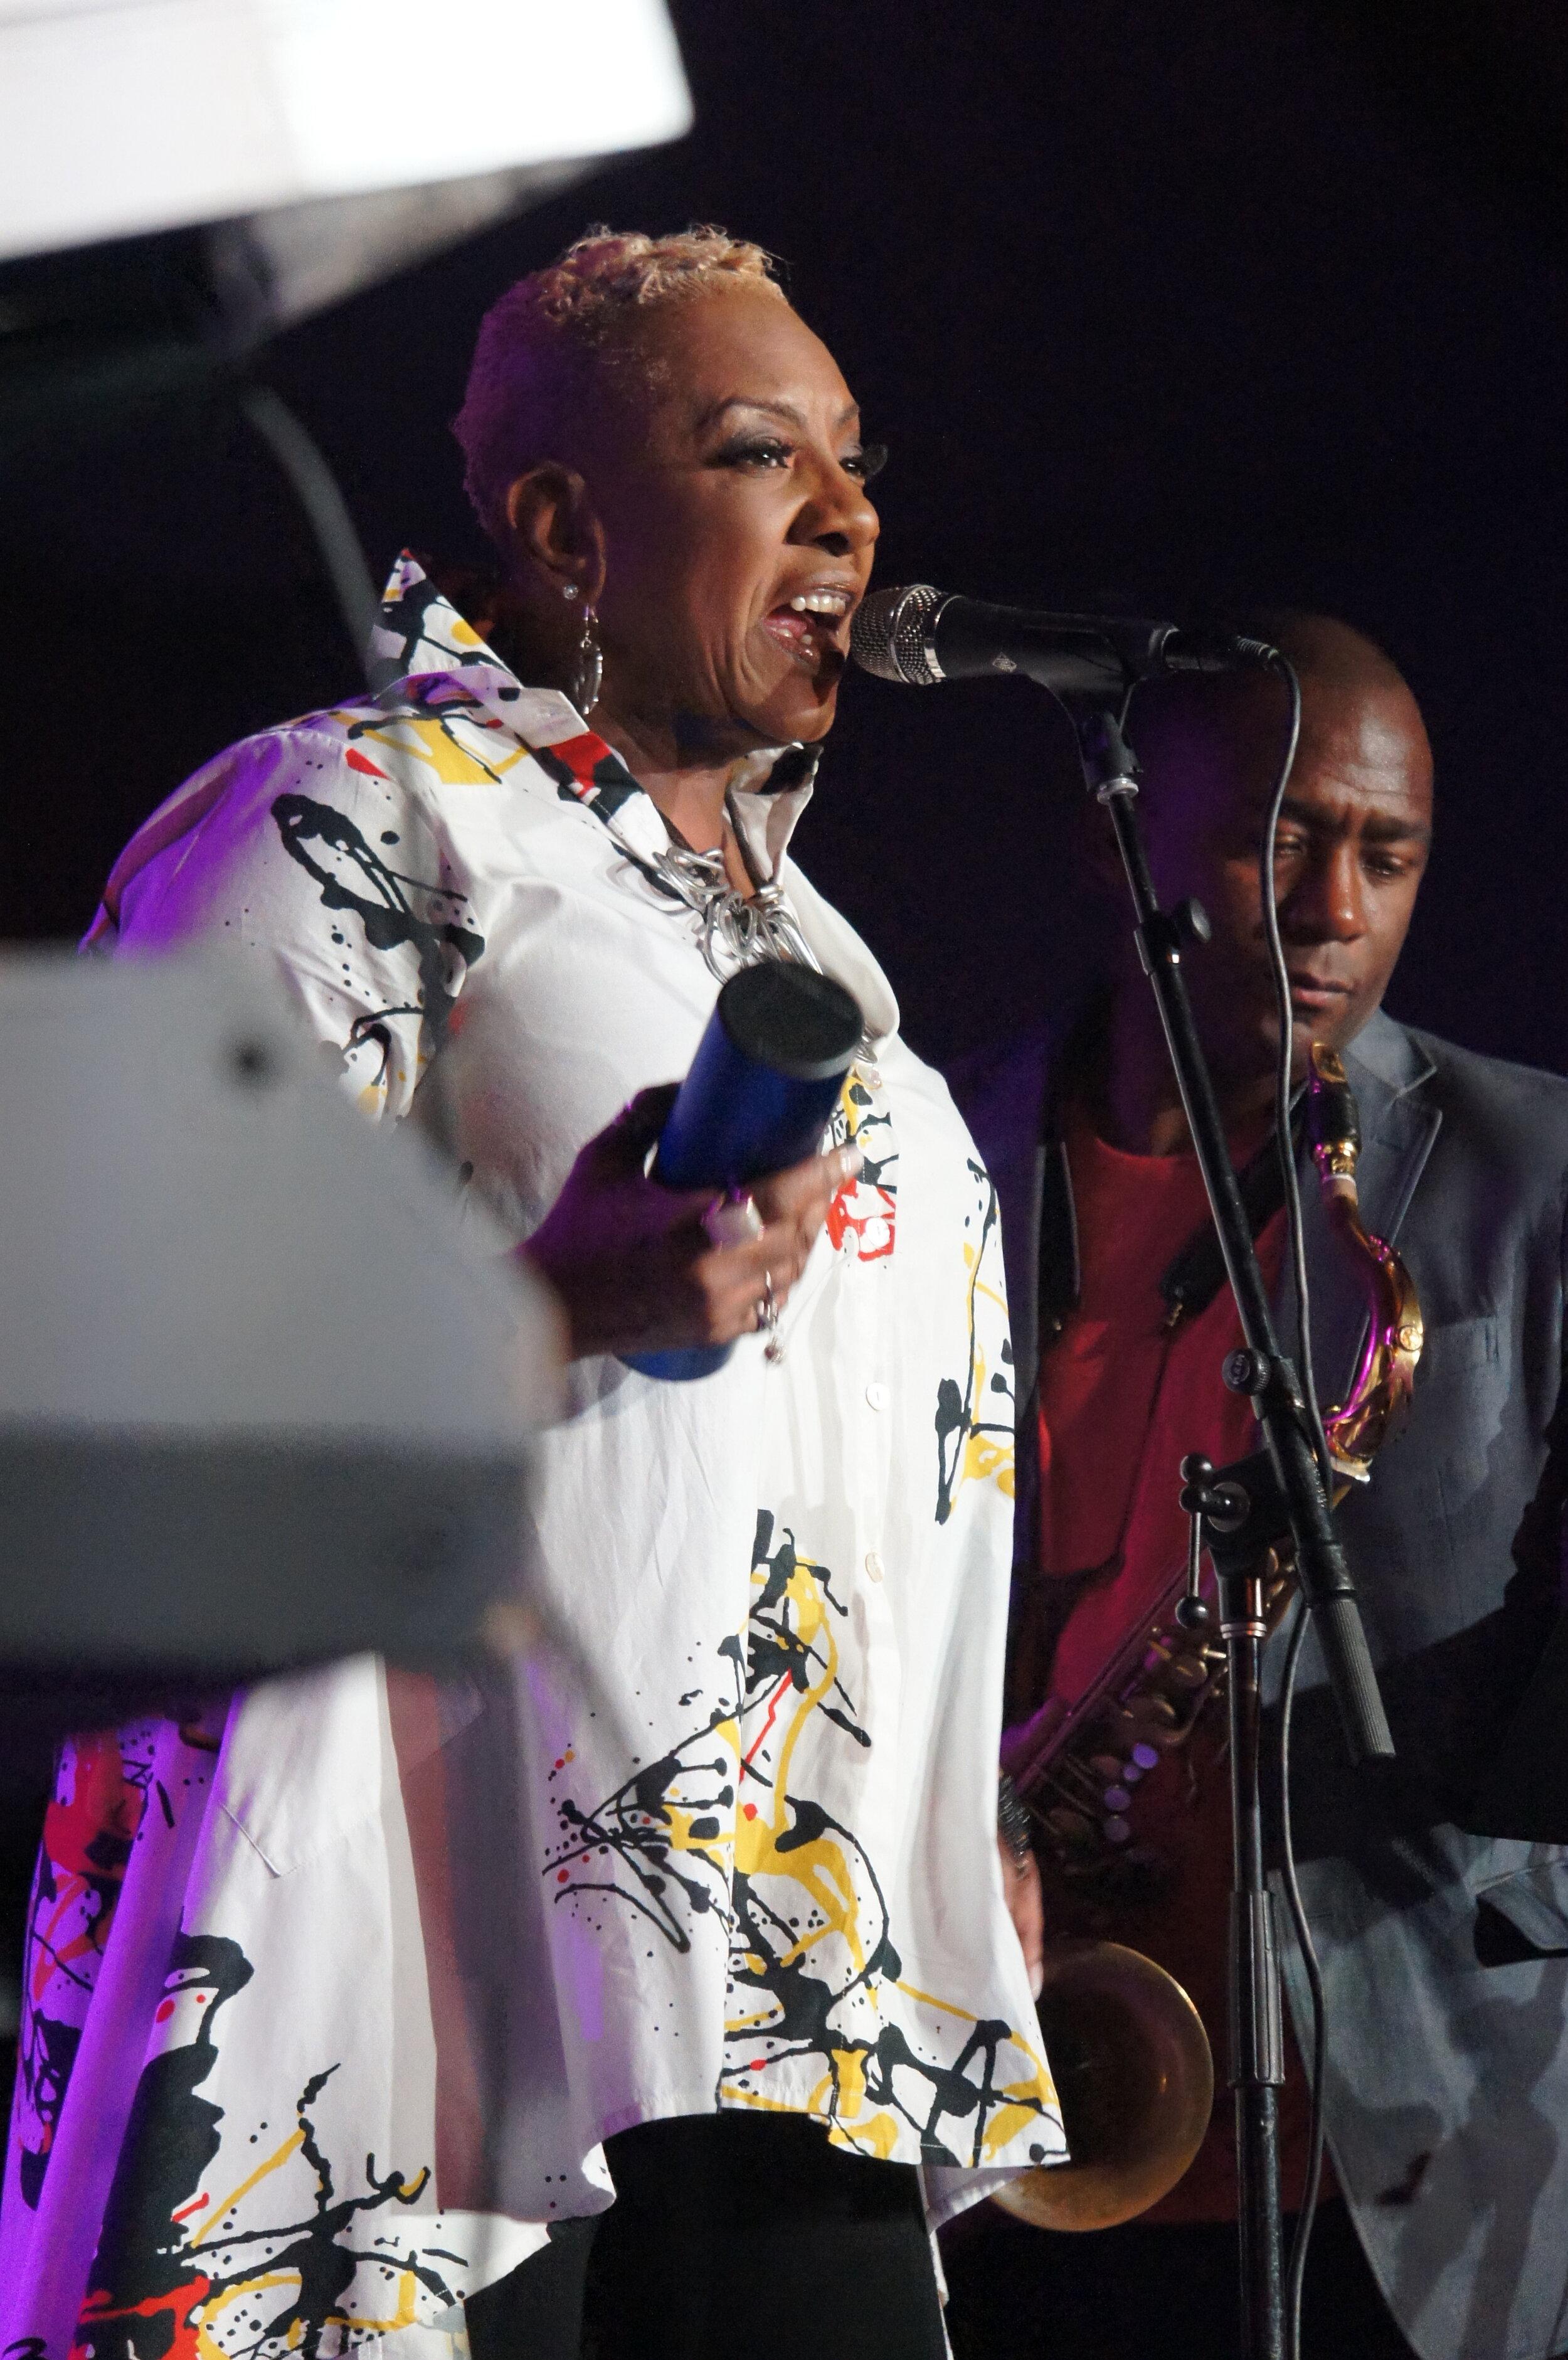 Vocalist Allyson Williams